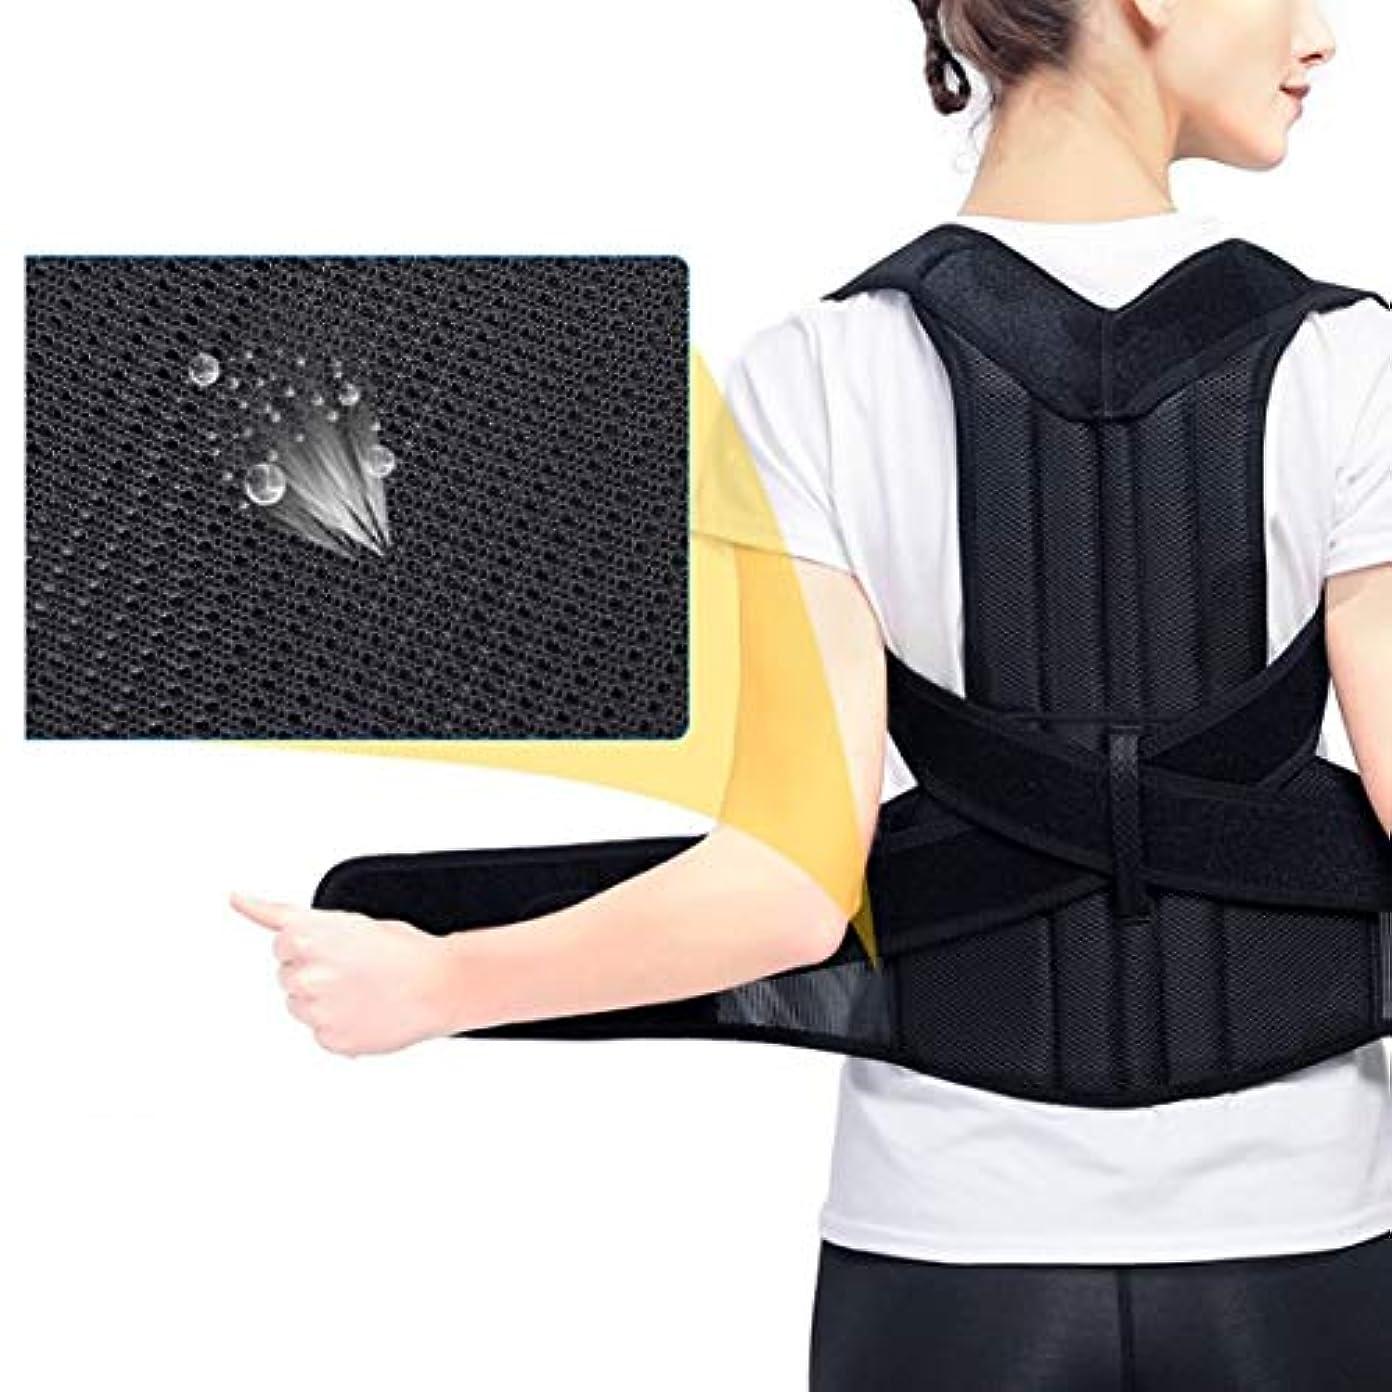 わな金属活性化する腰椎矯正バックブレース背骨装具側弯症腰椎サポート脊椎湾曲装具固定用姿勢 - 黒